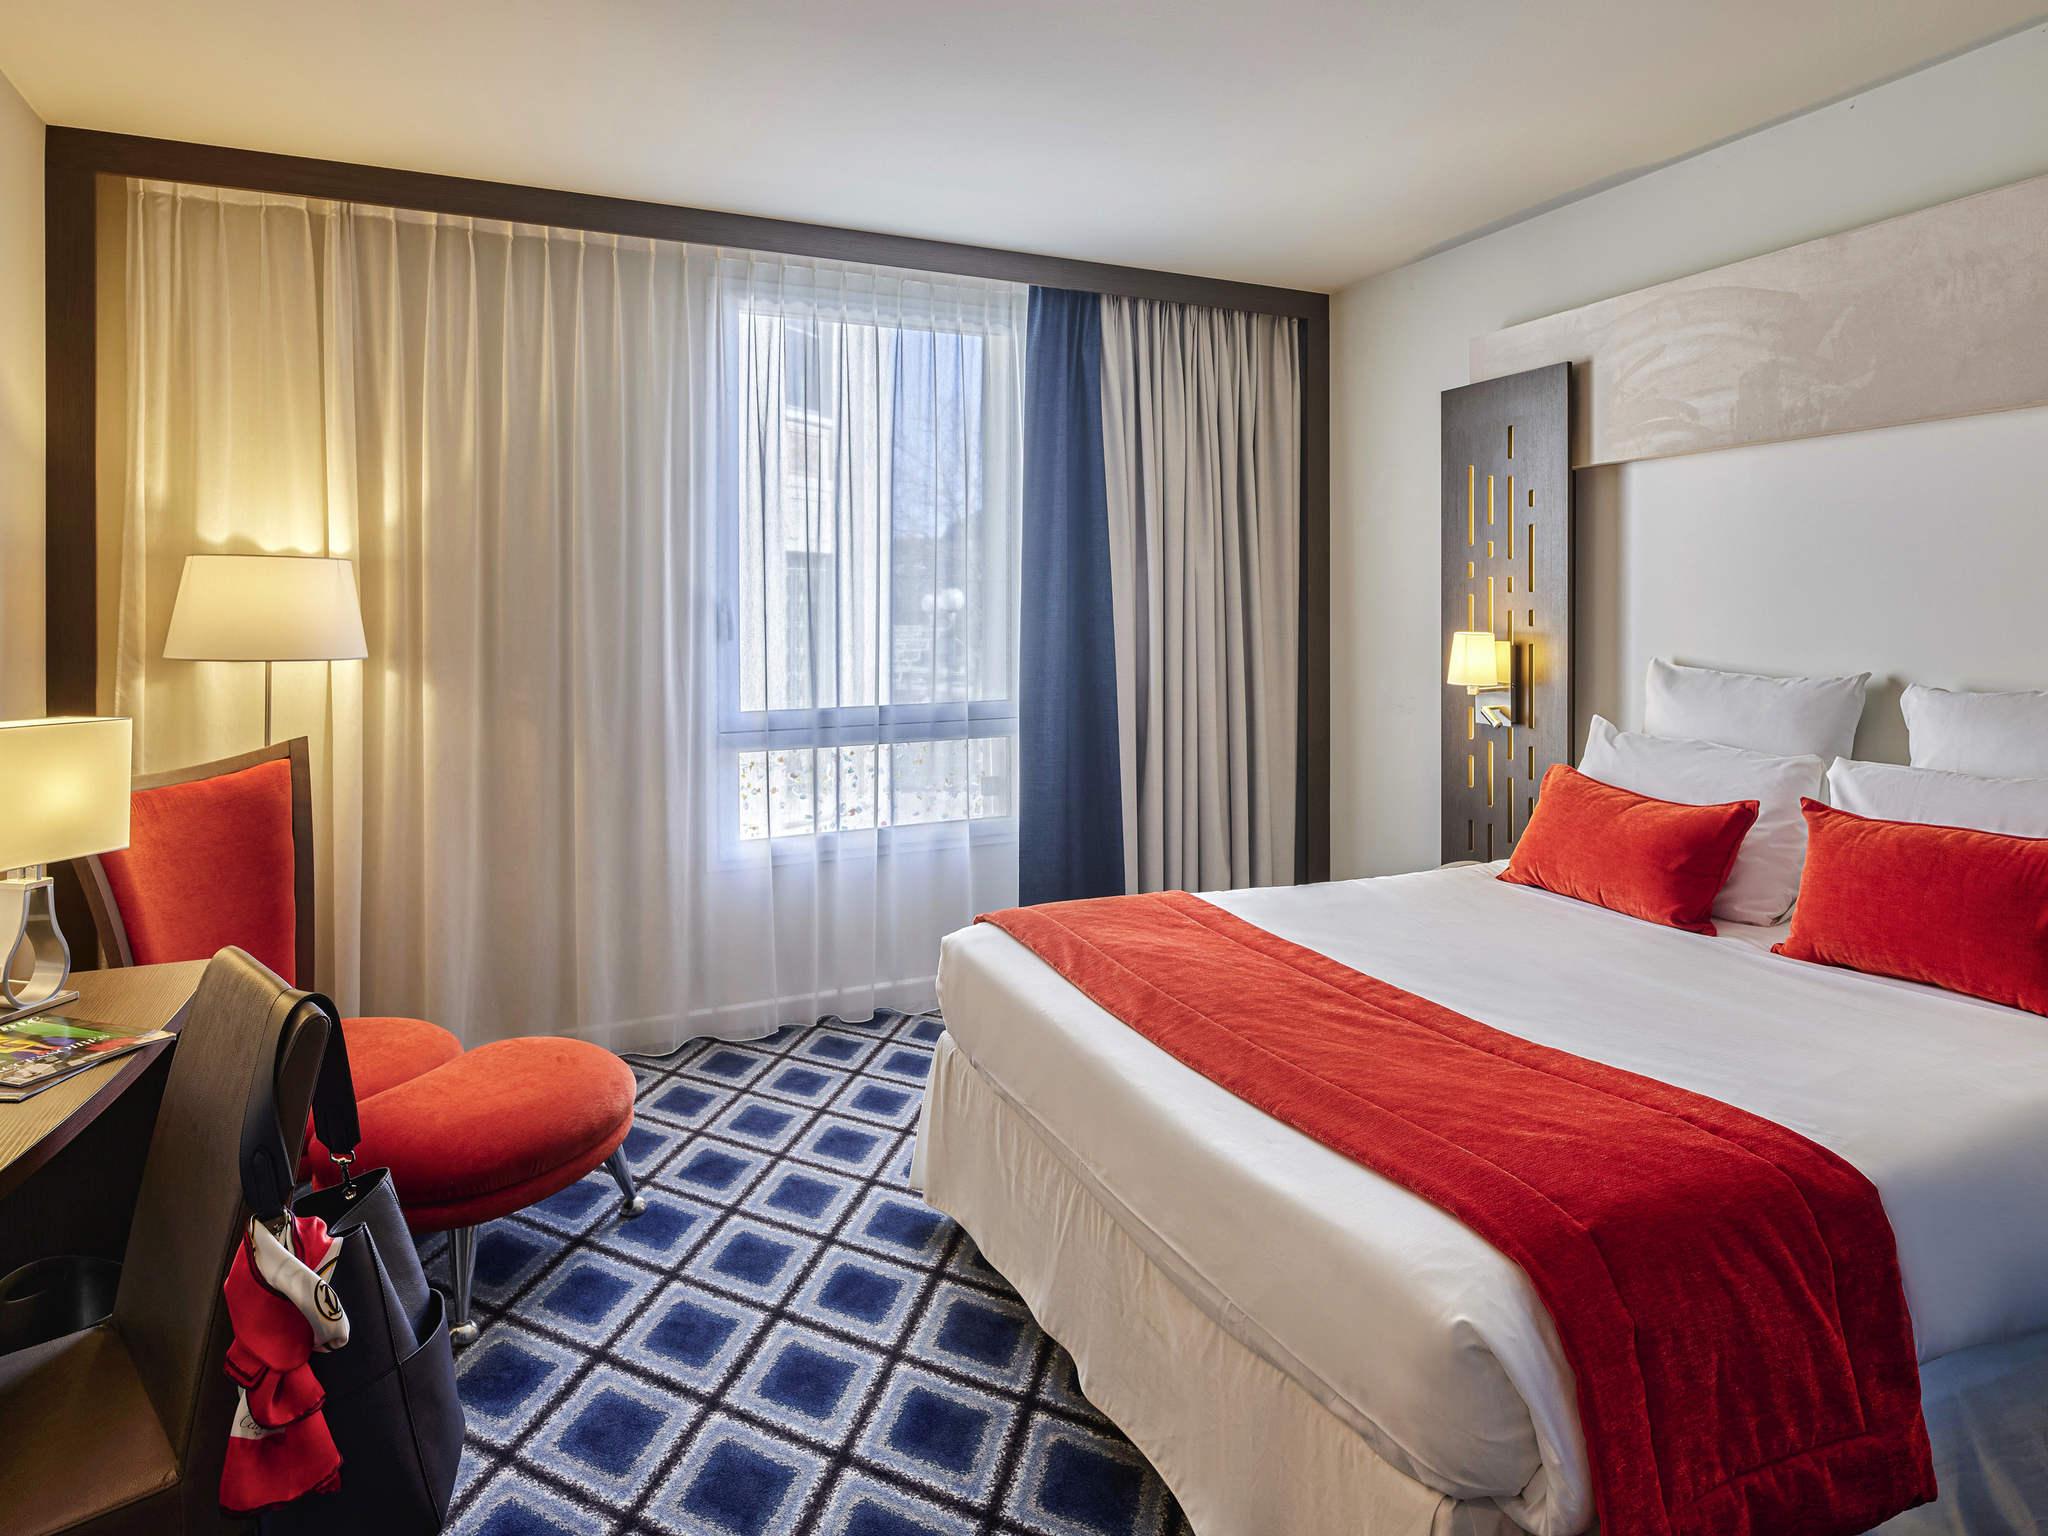 Hotel – Hôtel Mercure Chartres Centre Cathédrale